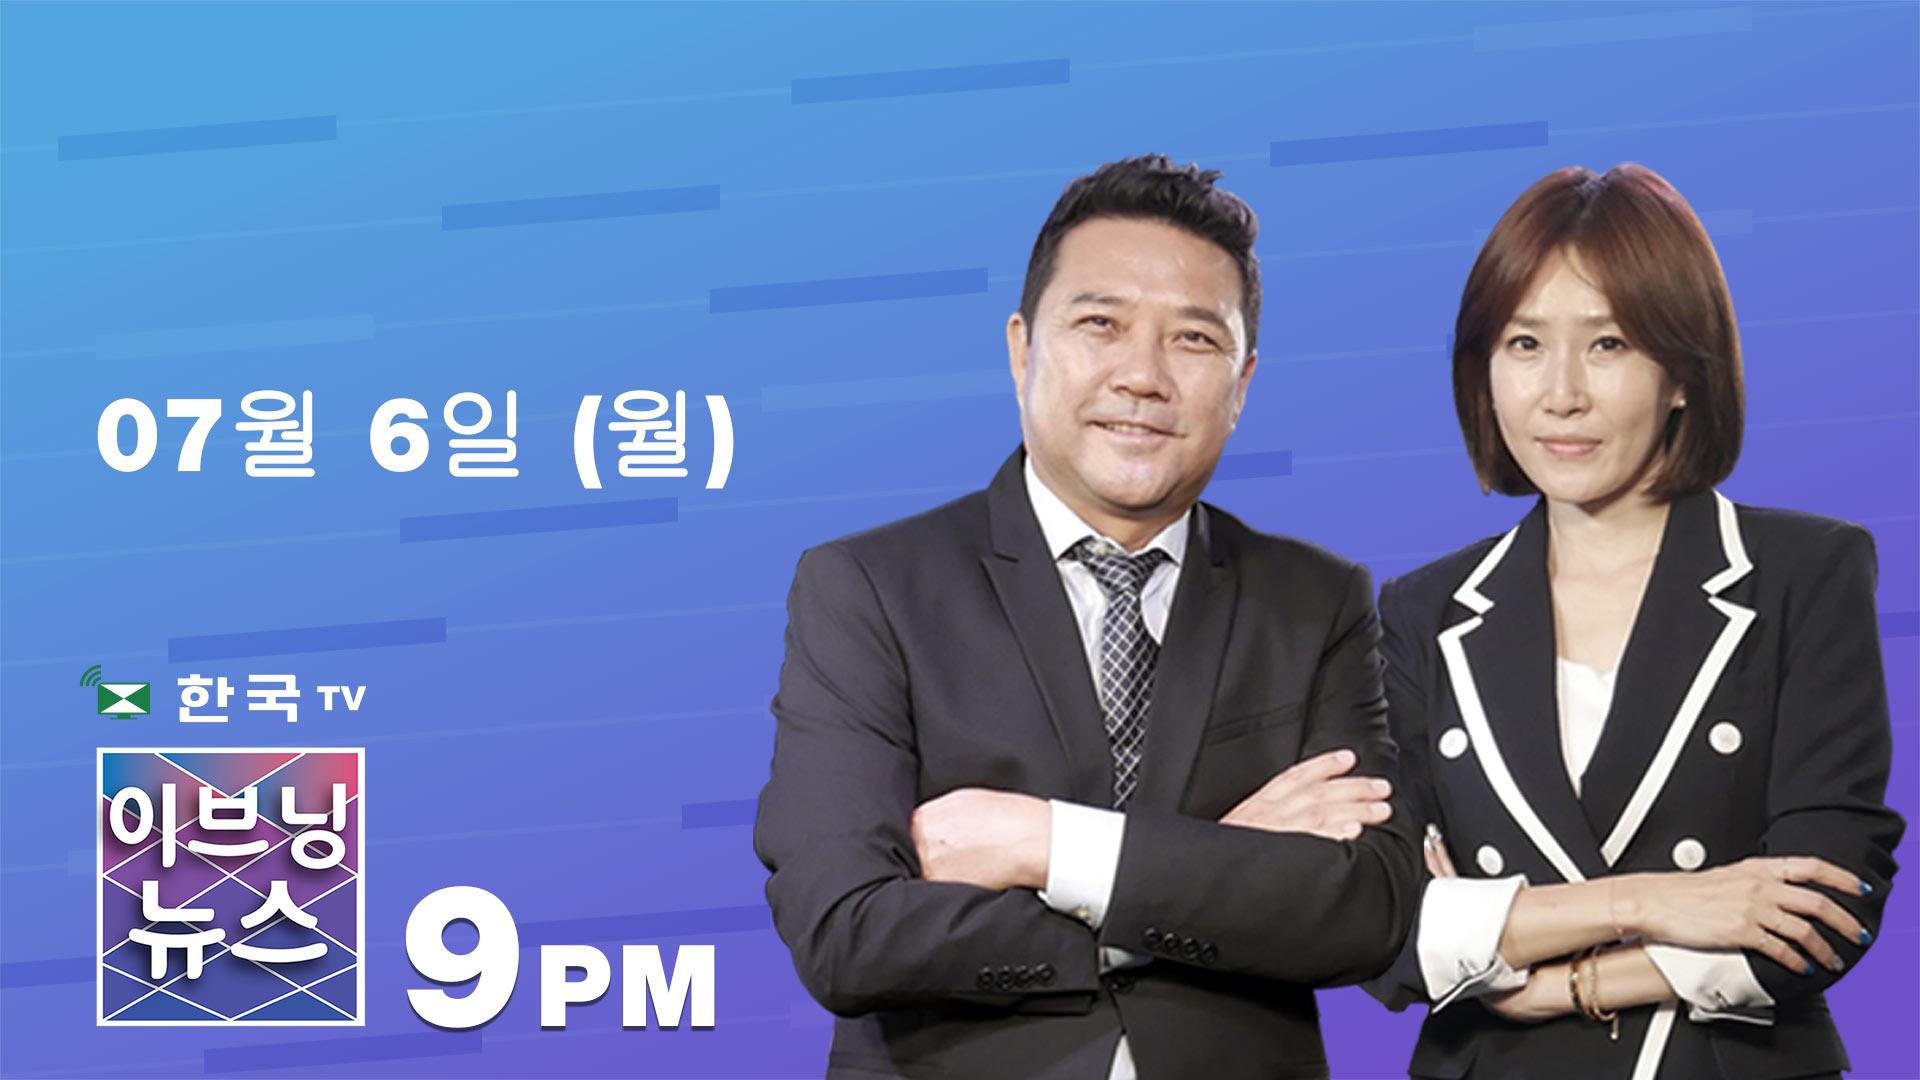 (07.06.2020) 한국TV 이브닝 뉴스